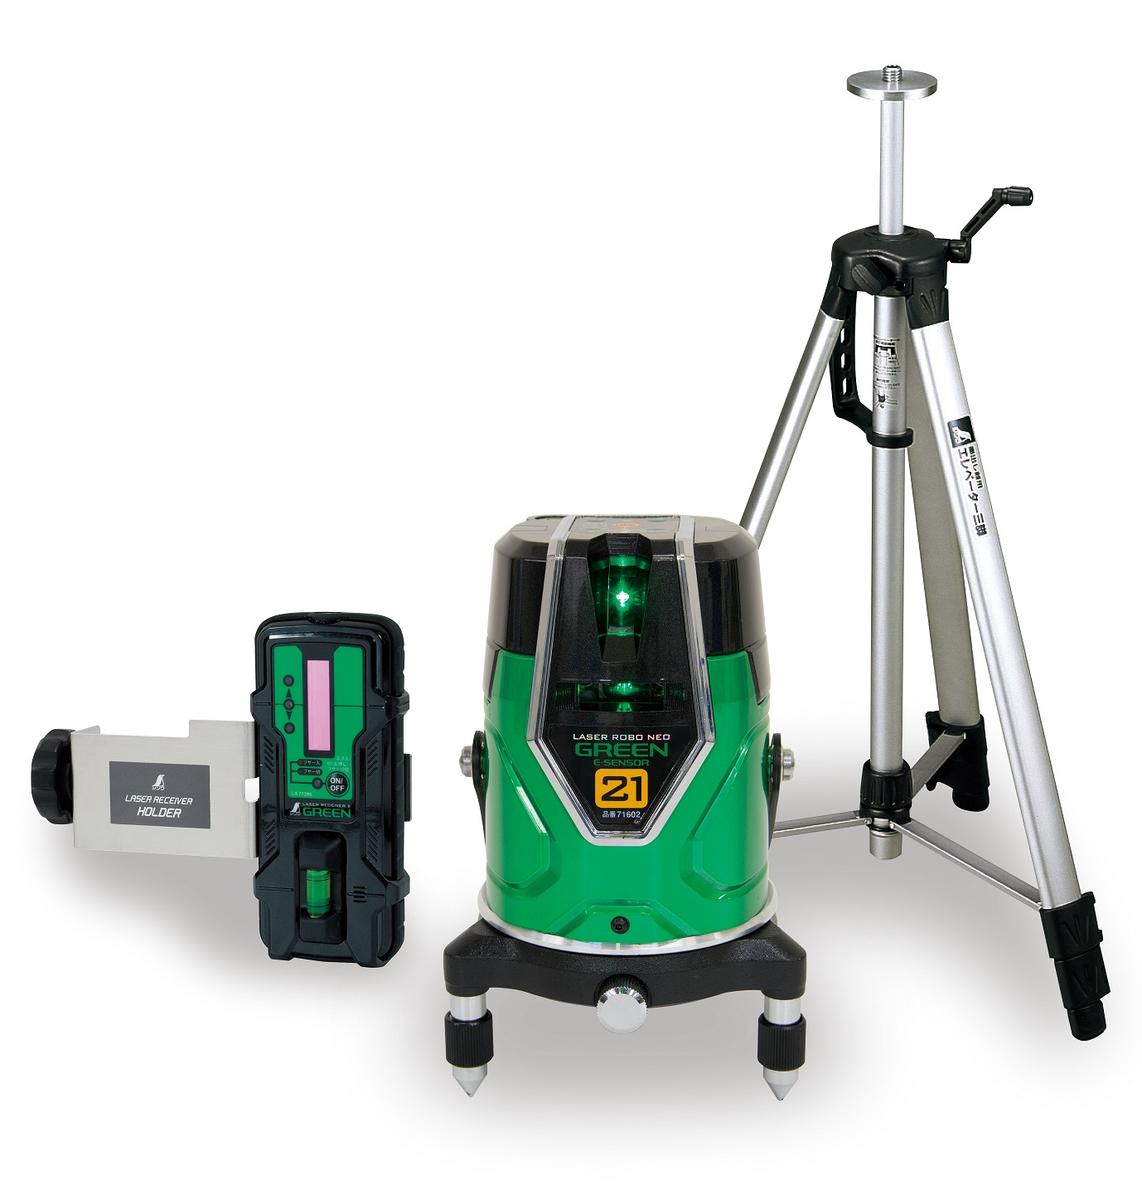 シンワ測定 71612 レーザーロボ グリーン Neo E Sensor 21 受光器・三脚セット